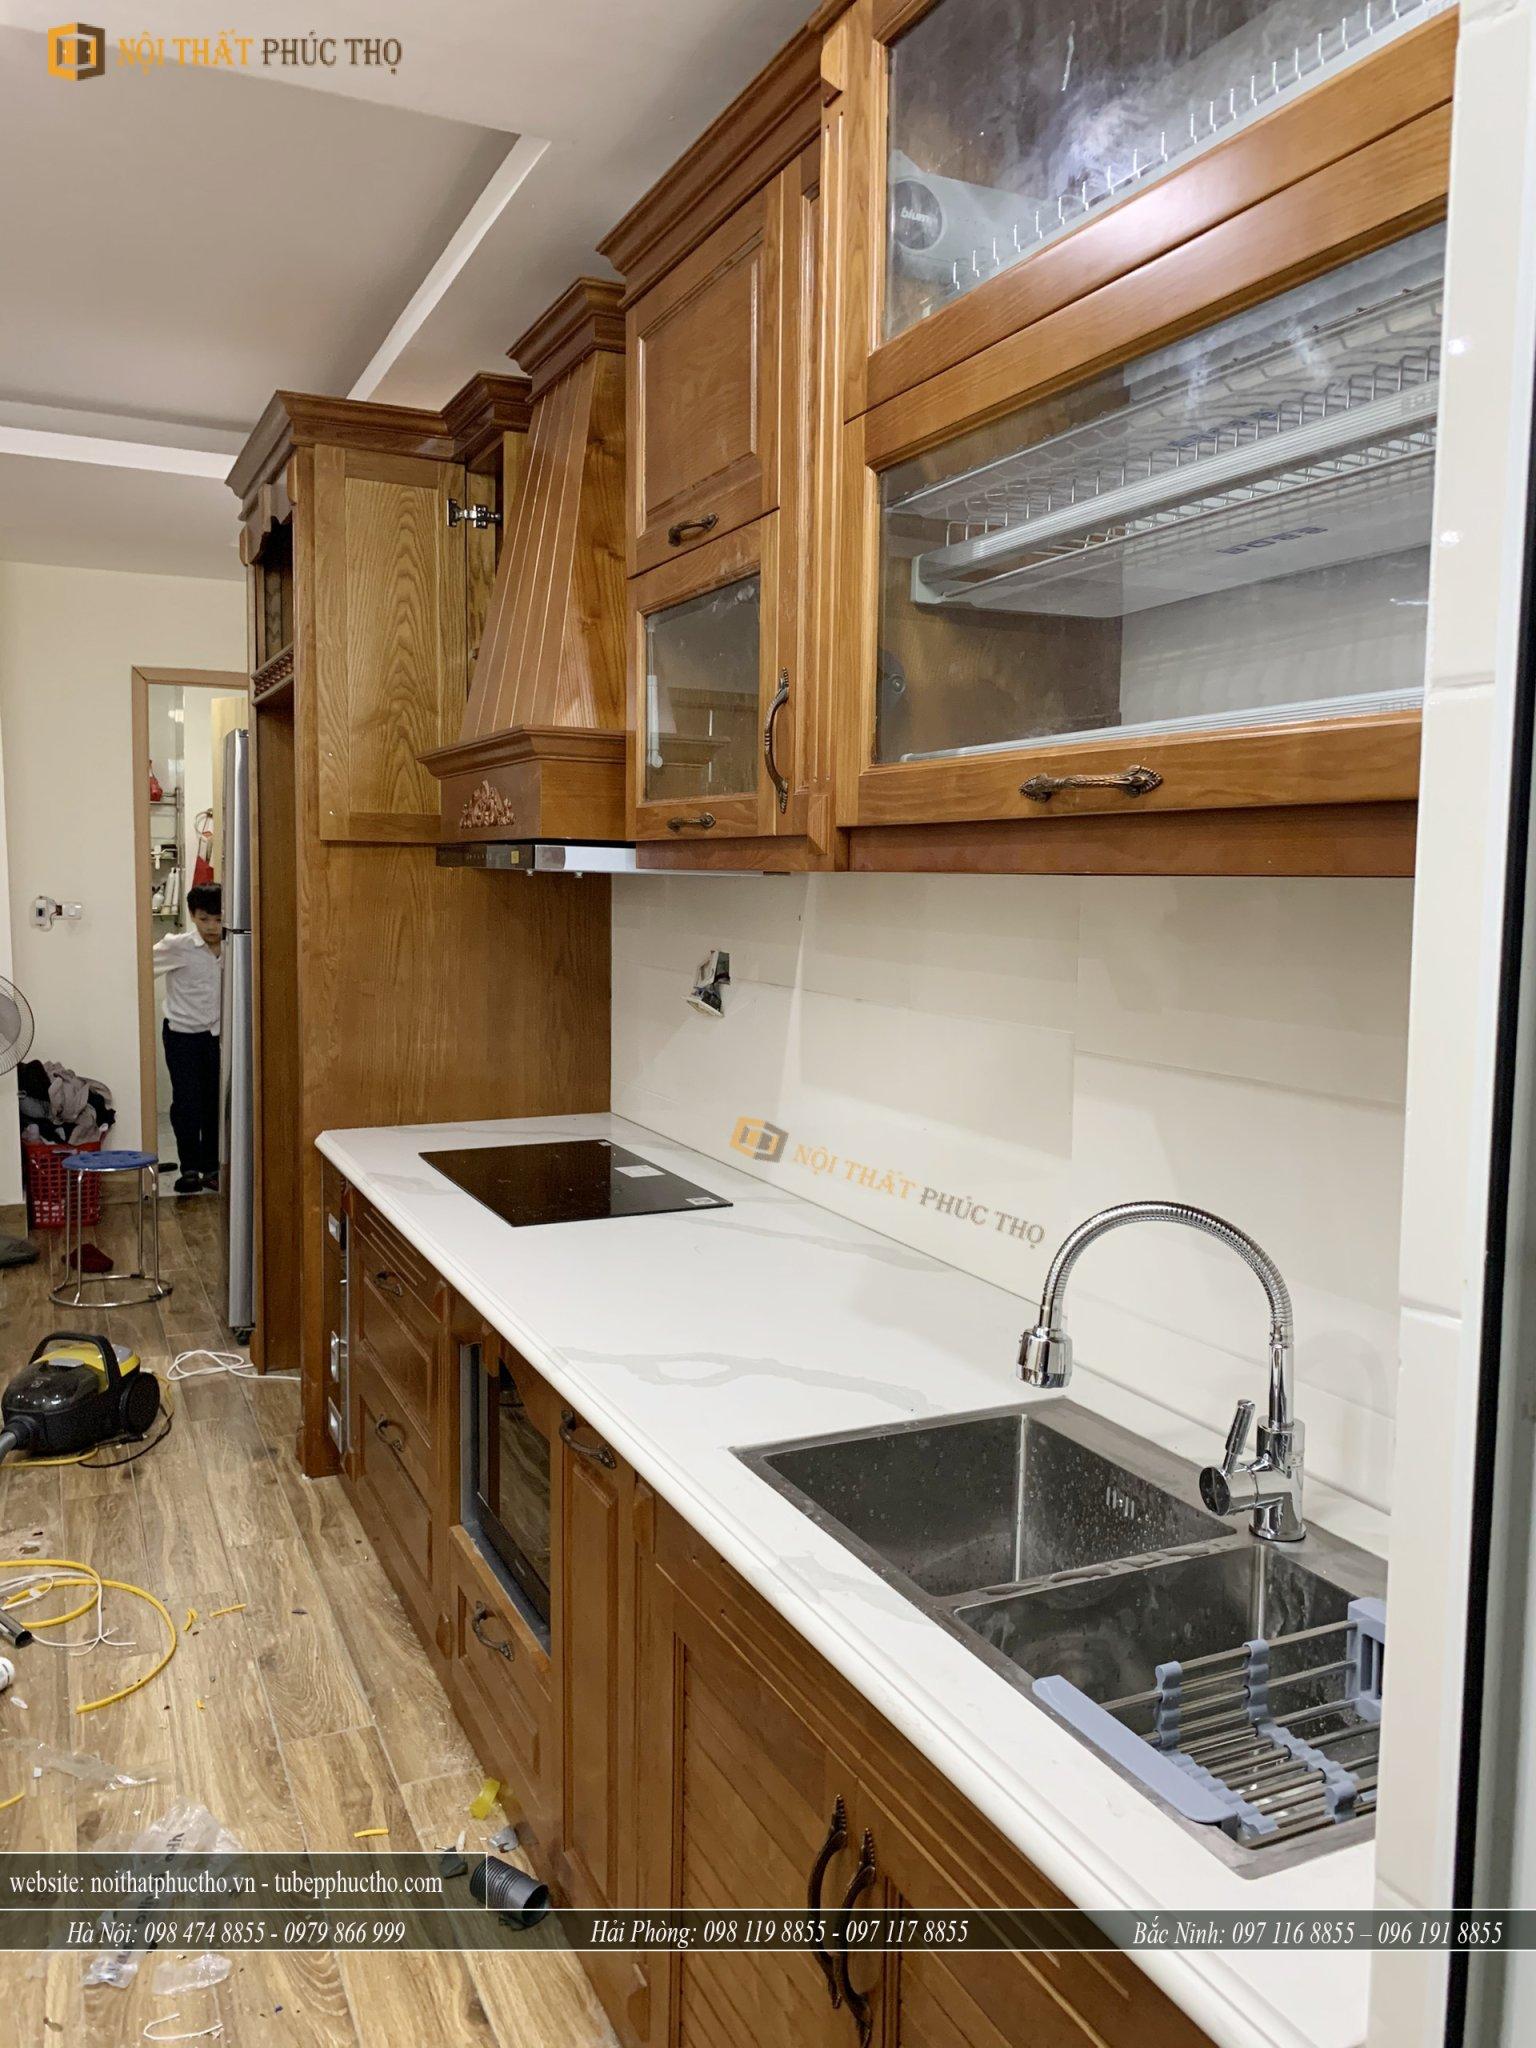 còn đây là mẫu tủ bếp trên khi được hoàn thiện thực tế 02